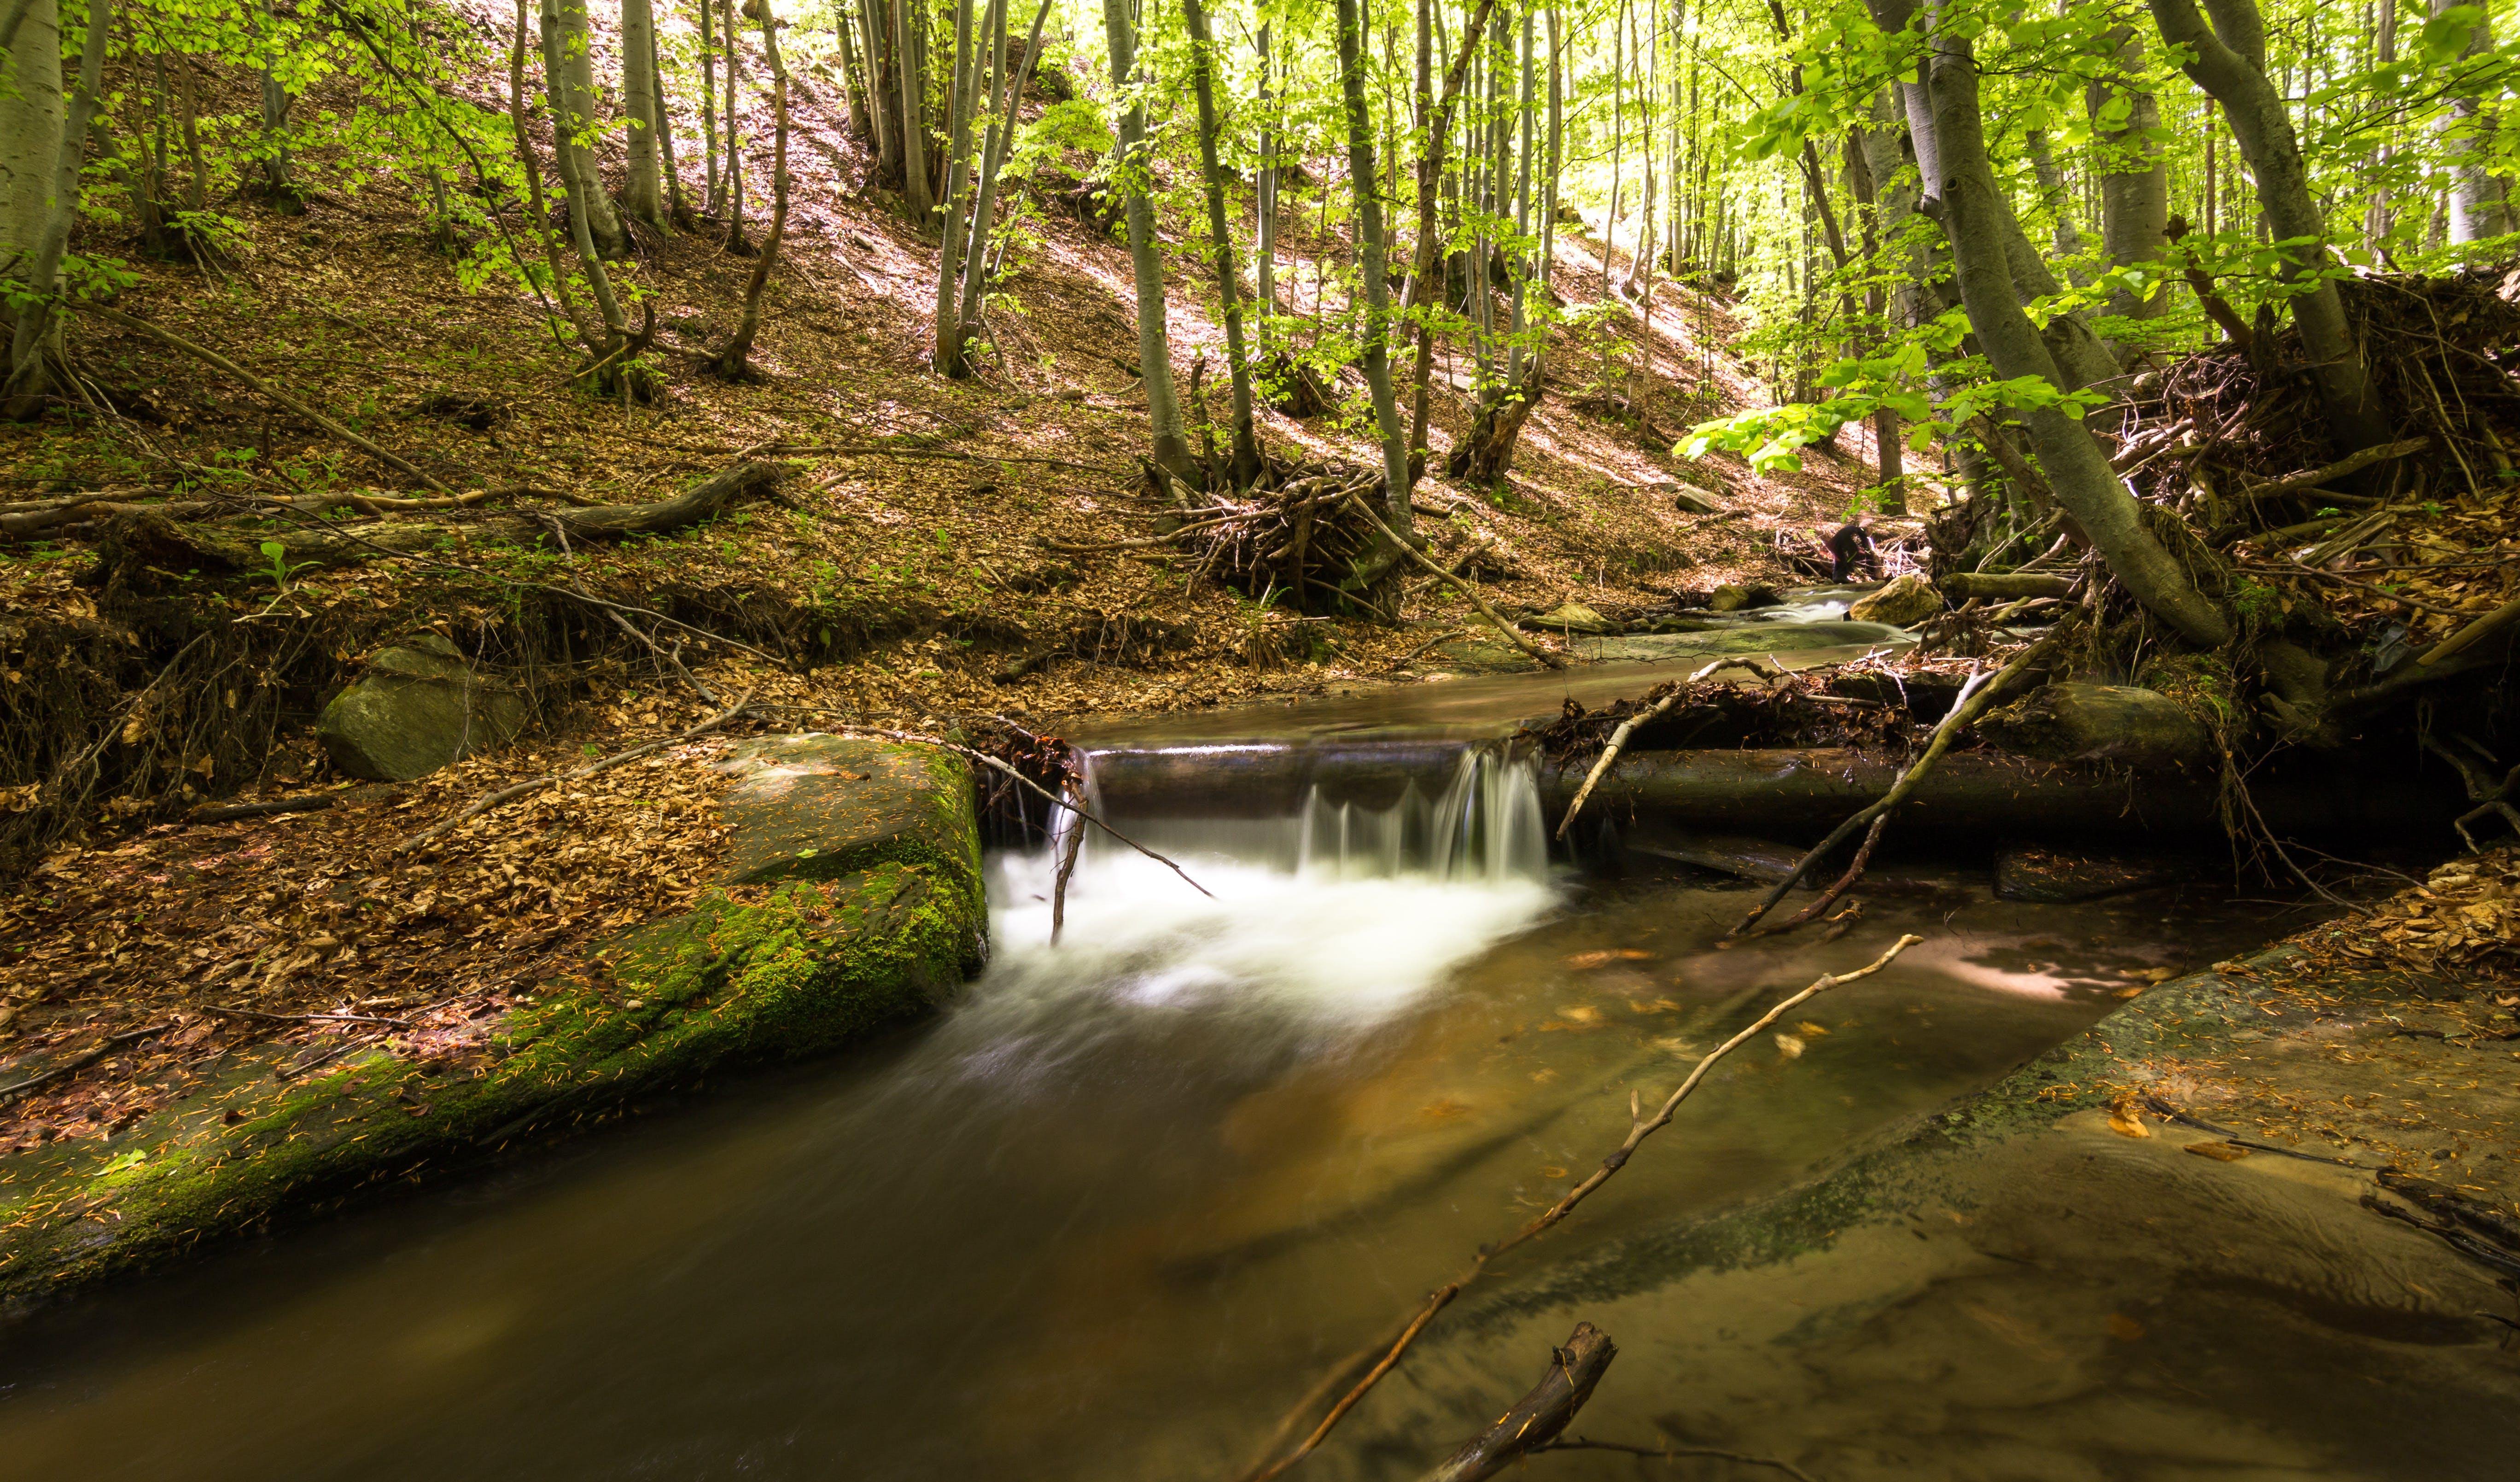 คลังภาพถ่ายฟรี ของ กระแสน้ำ, การเคลื่อนไหว, การเปิดรับแสงนาน, ตะไคร่น้ำ